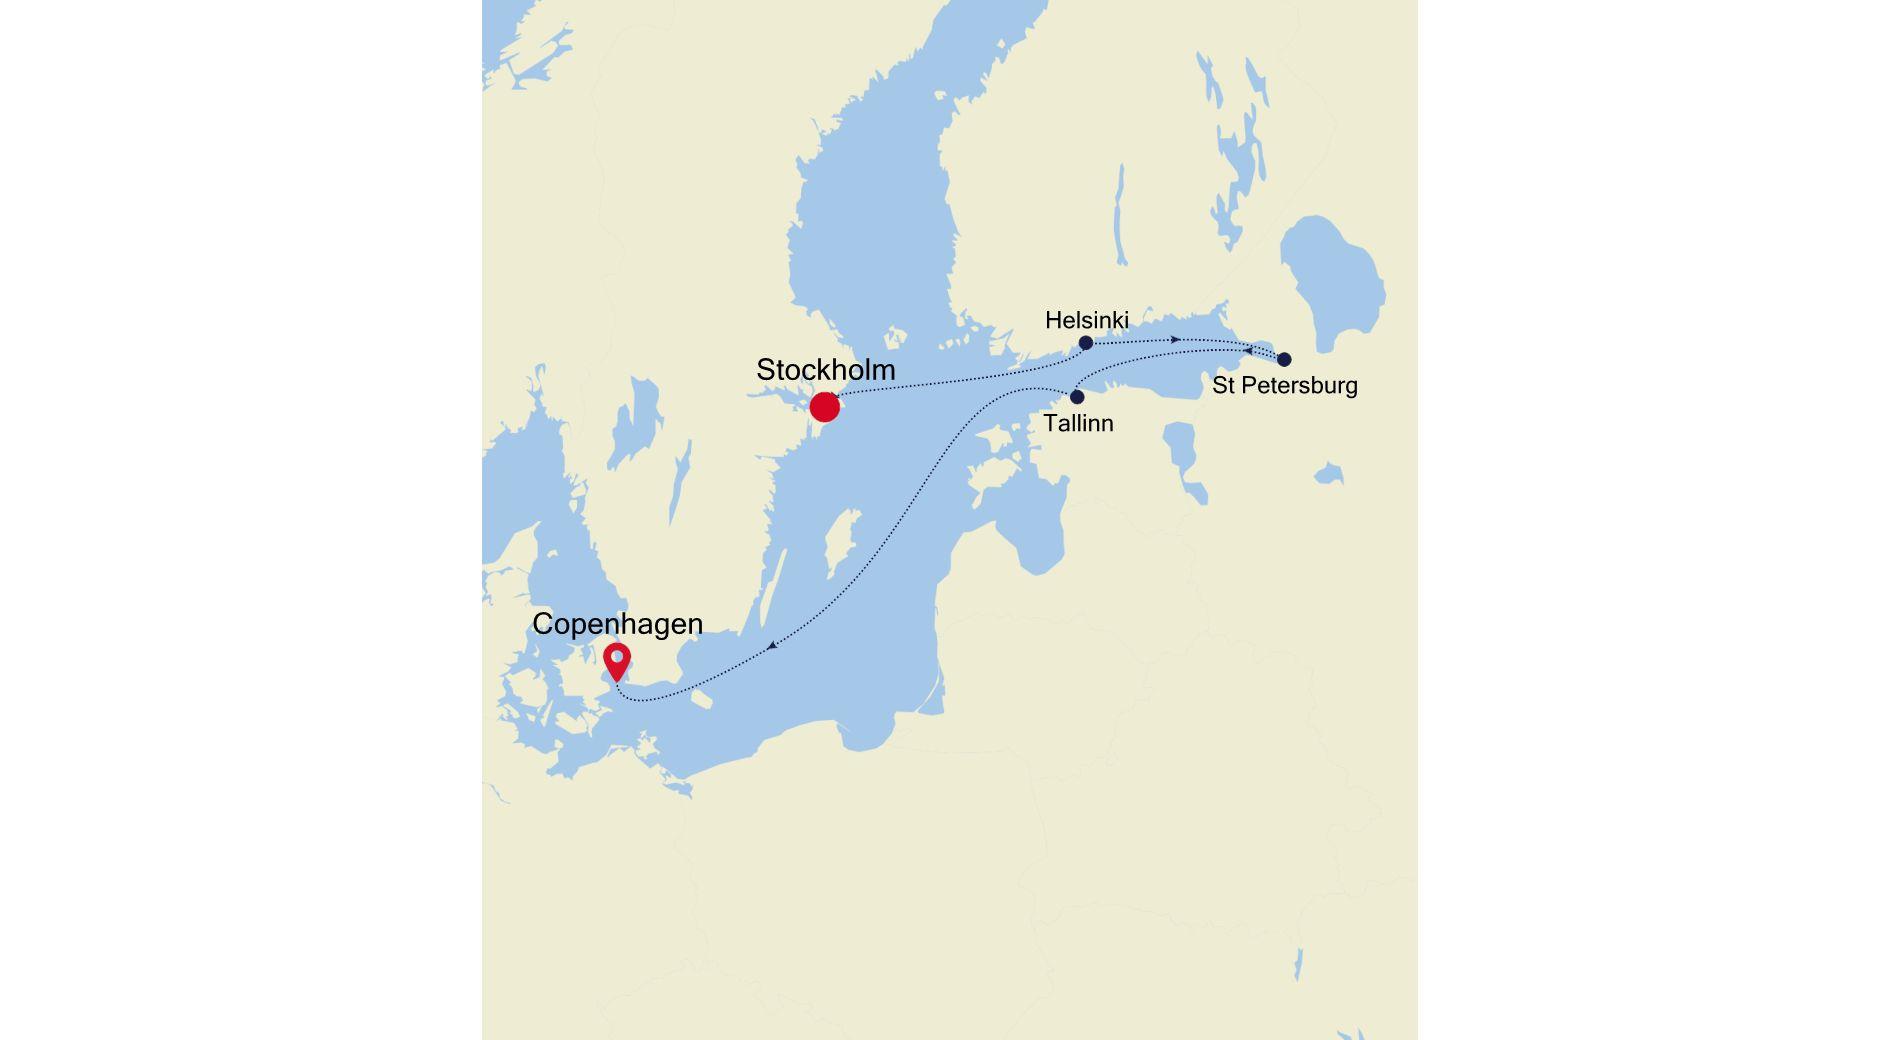 SL210816007 - Stockholm nach Copenhagen